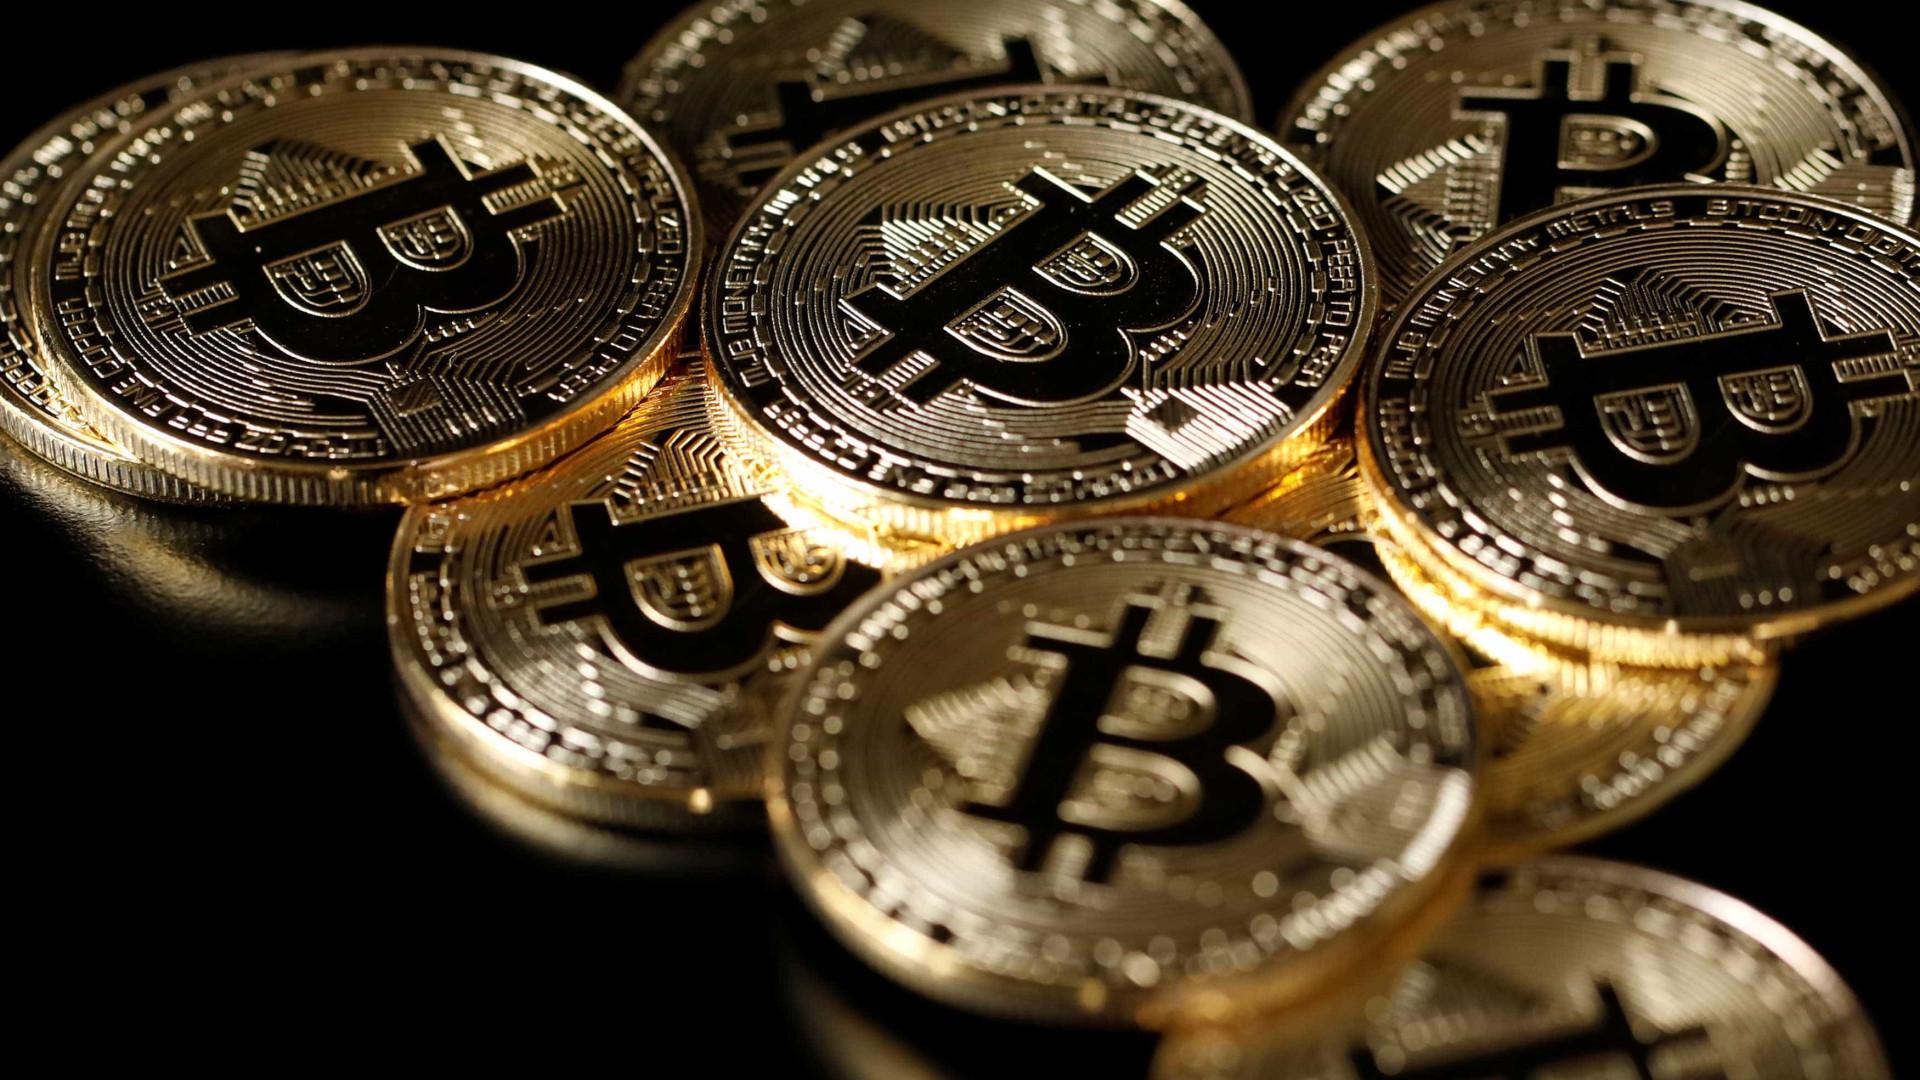 Corretora de bitcoin que sumiu com dinheiro deve R$ 2,1 bilhões